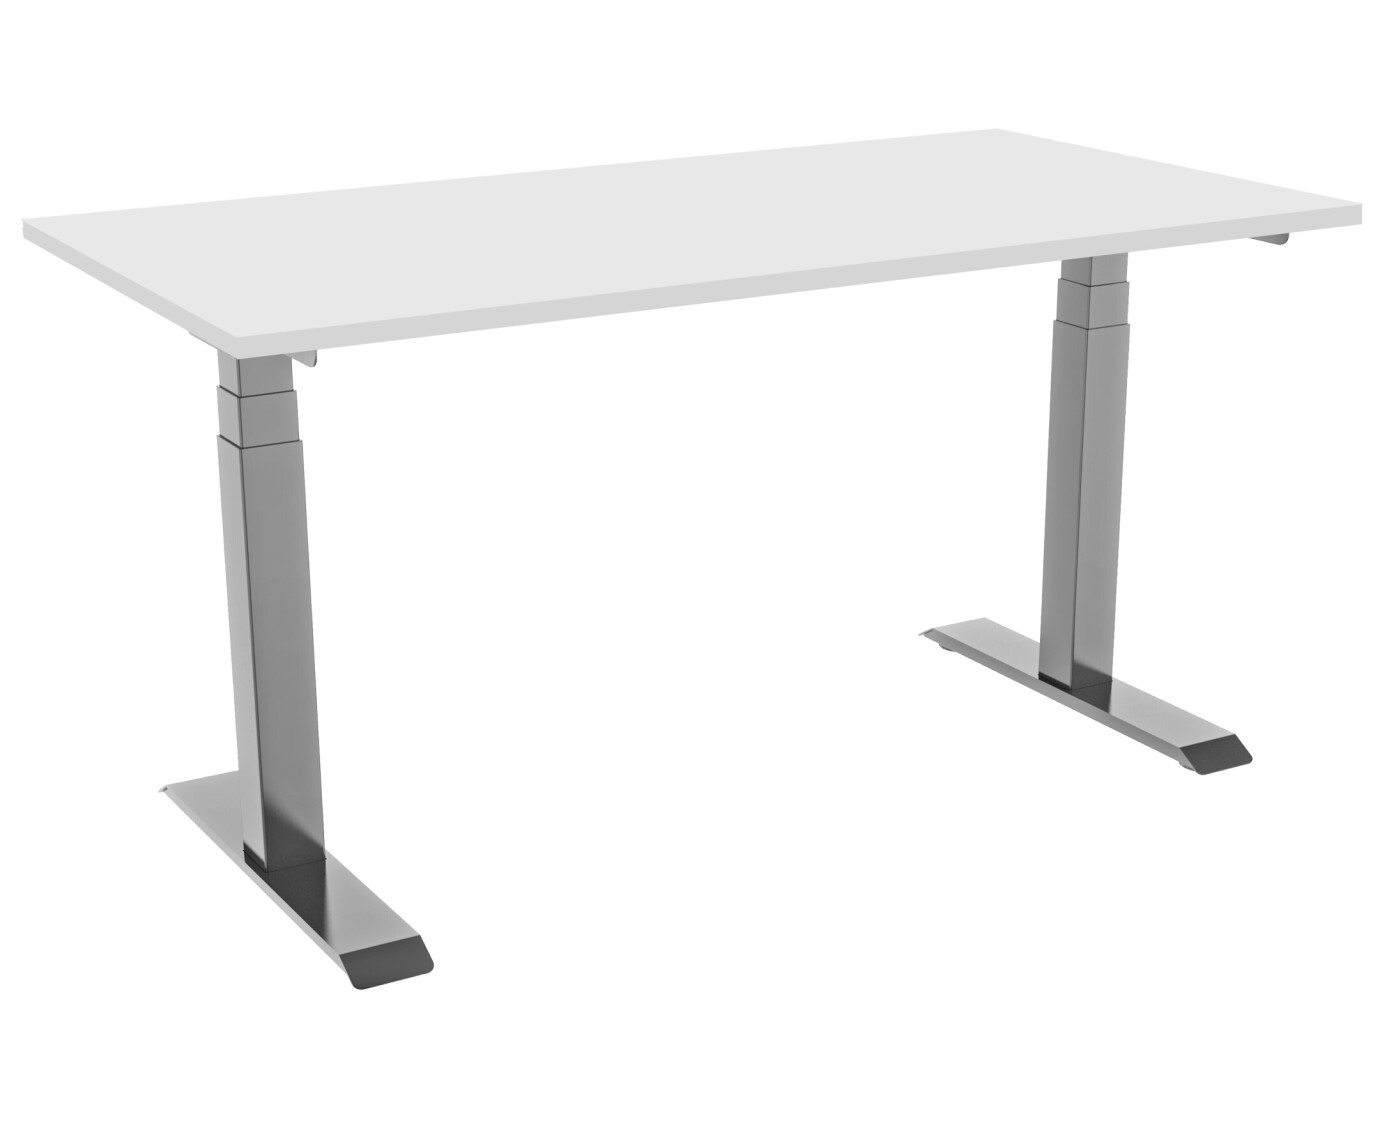 Bureau celexon PRO eAdjust-58123 réglable en hauteur électriquement - gris, avec plateau 175 x 75 cm